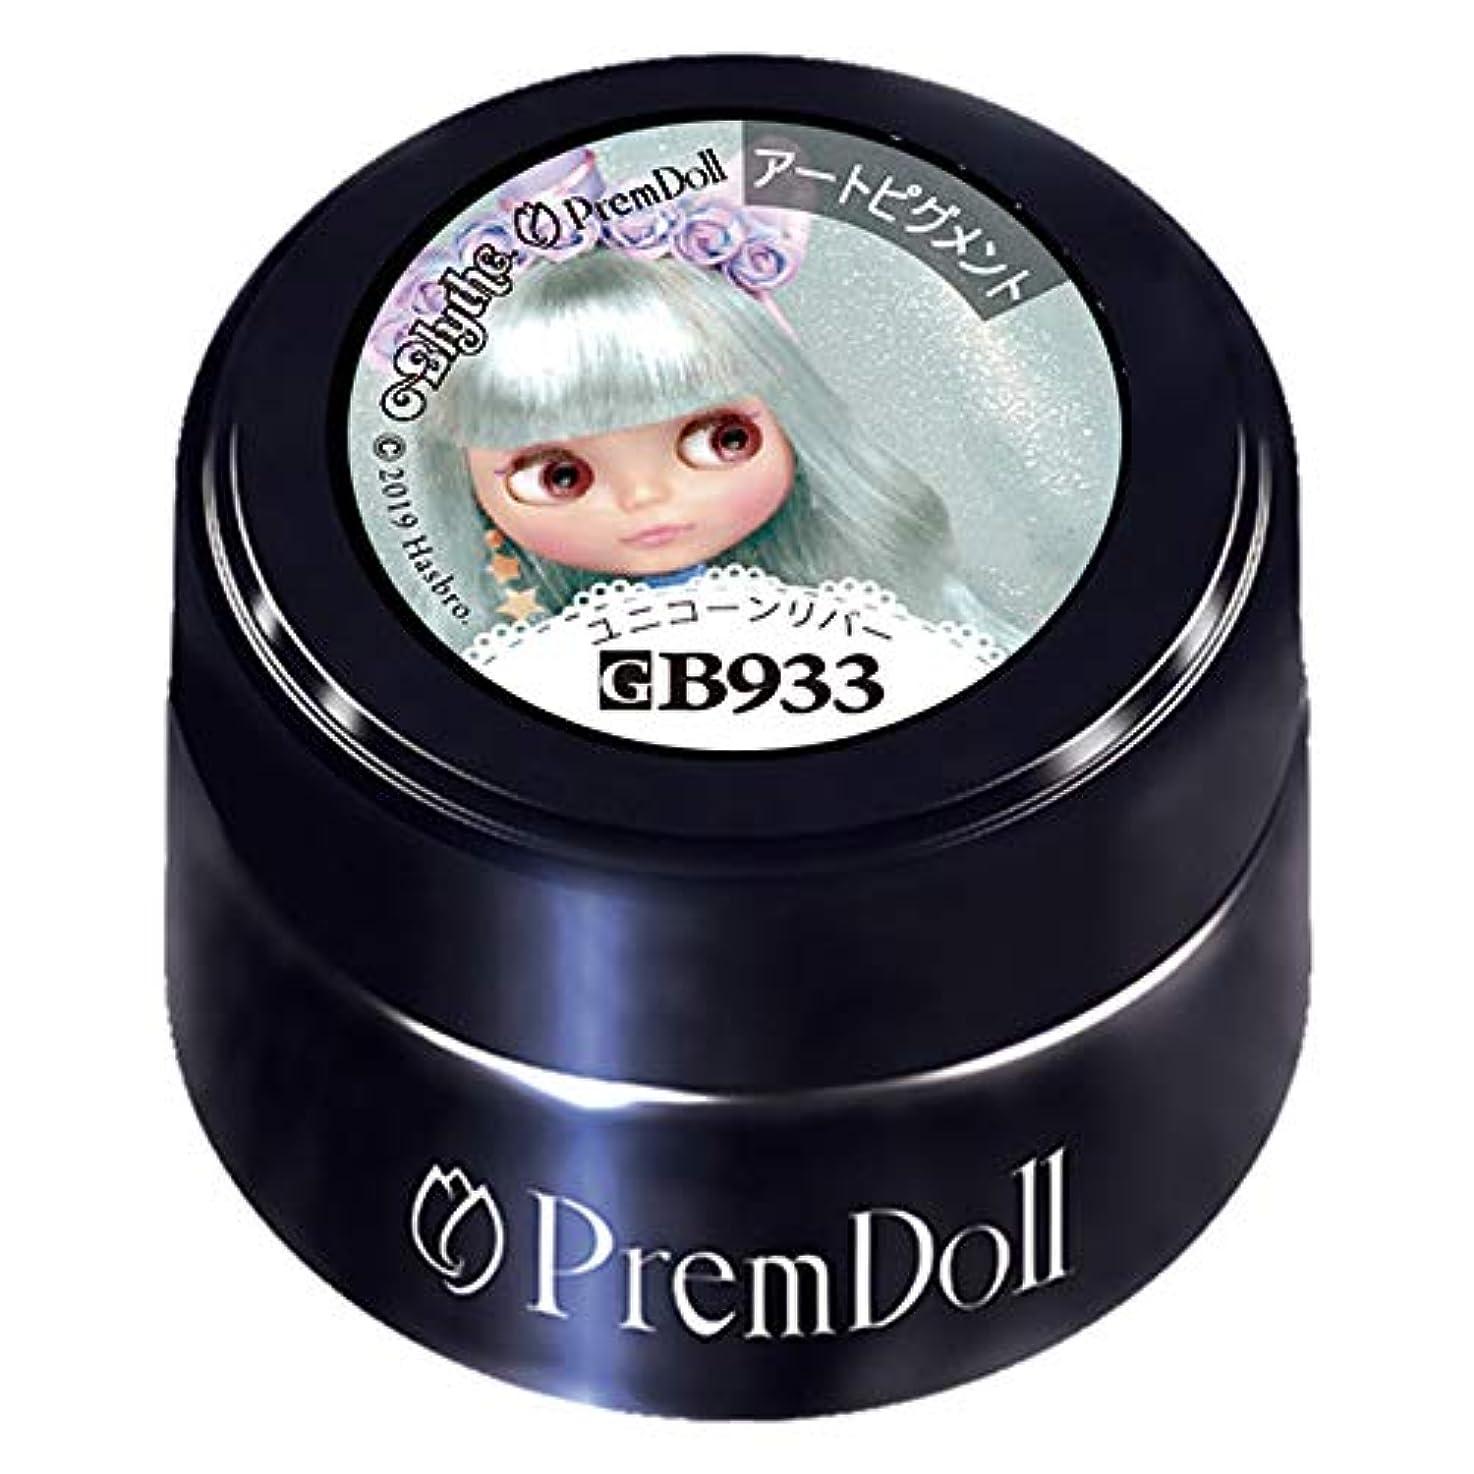 刈り取る完全に乾く気分が良いPRE GEL(プリジェル) PRE GEL プリムドール ユニコーンリバー 3g DOLL-B933 カラージェル UV/LED対応 ジェルネイル